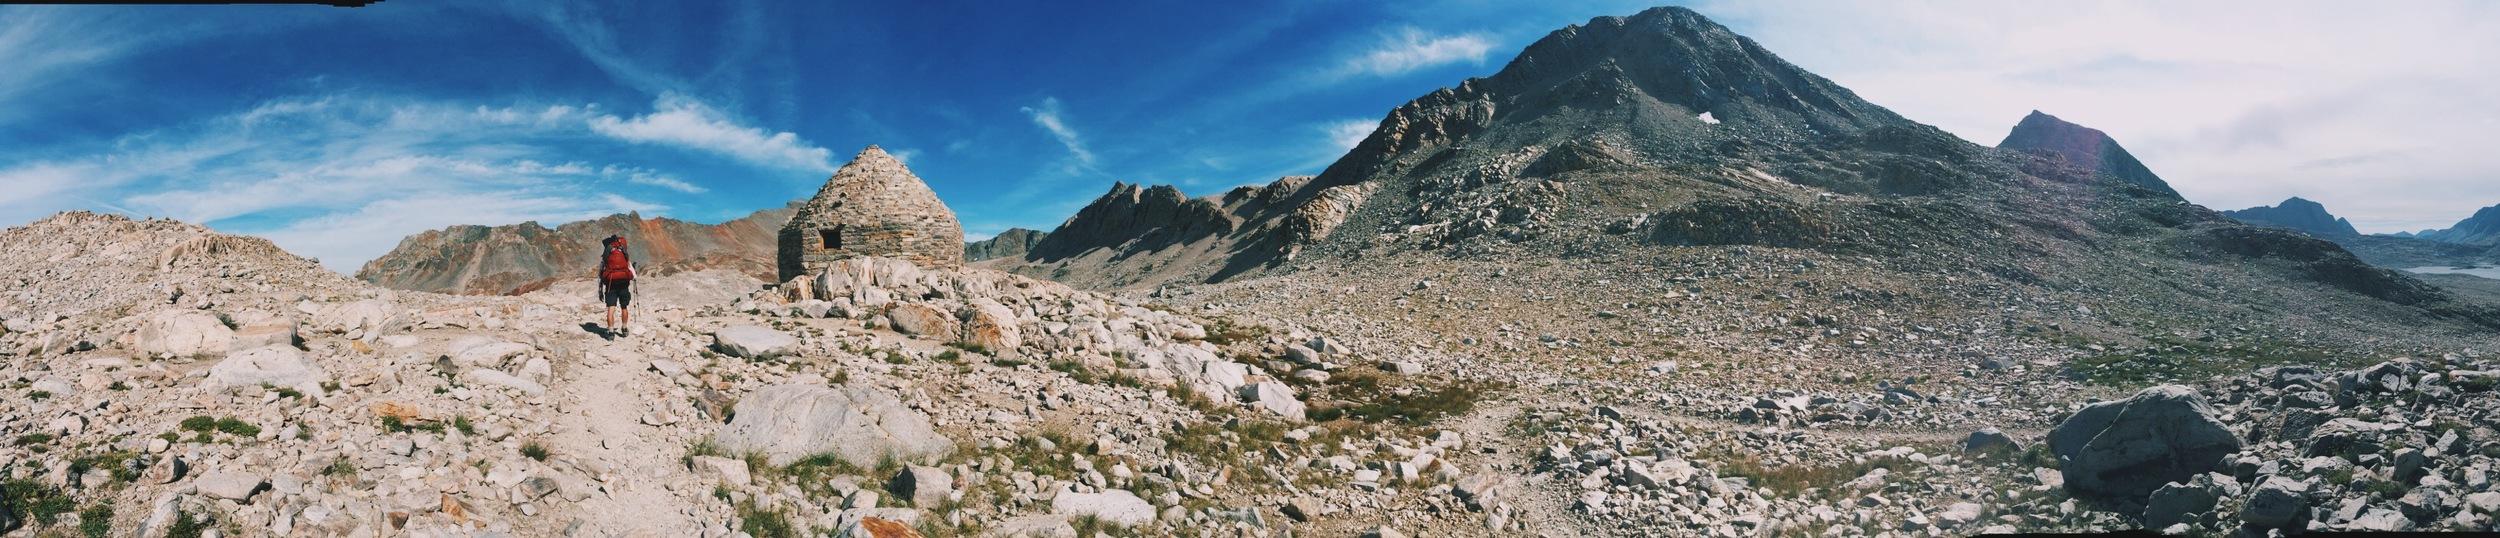 Muir Pass, Kings Canyon National Park